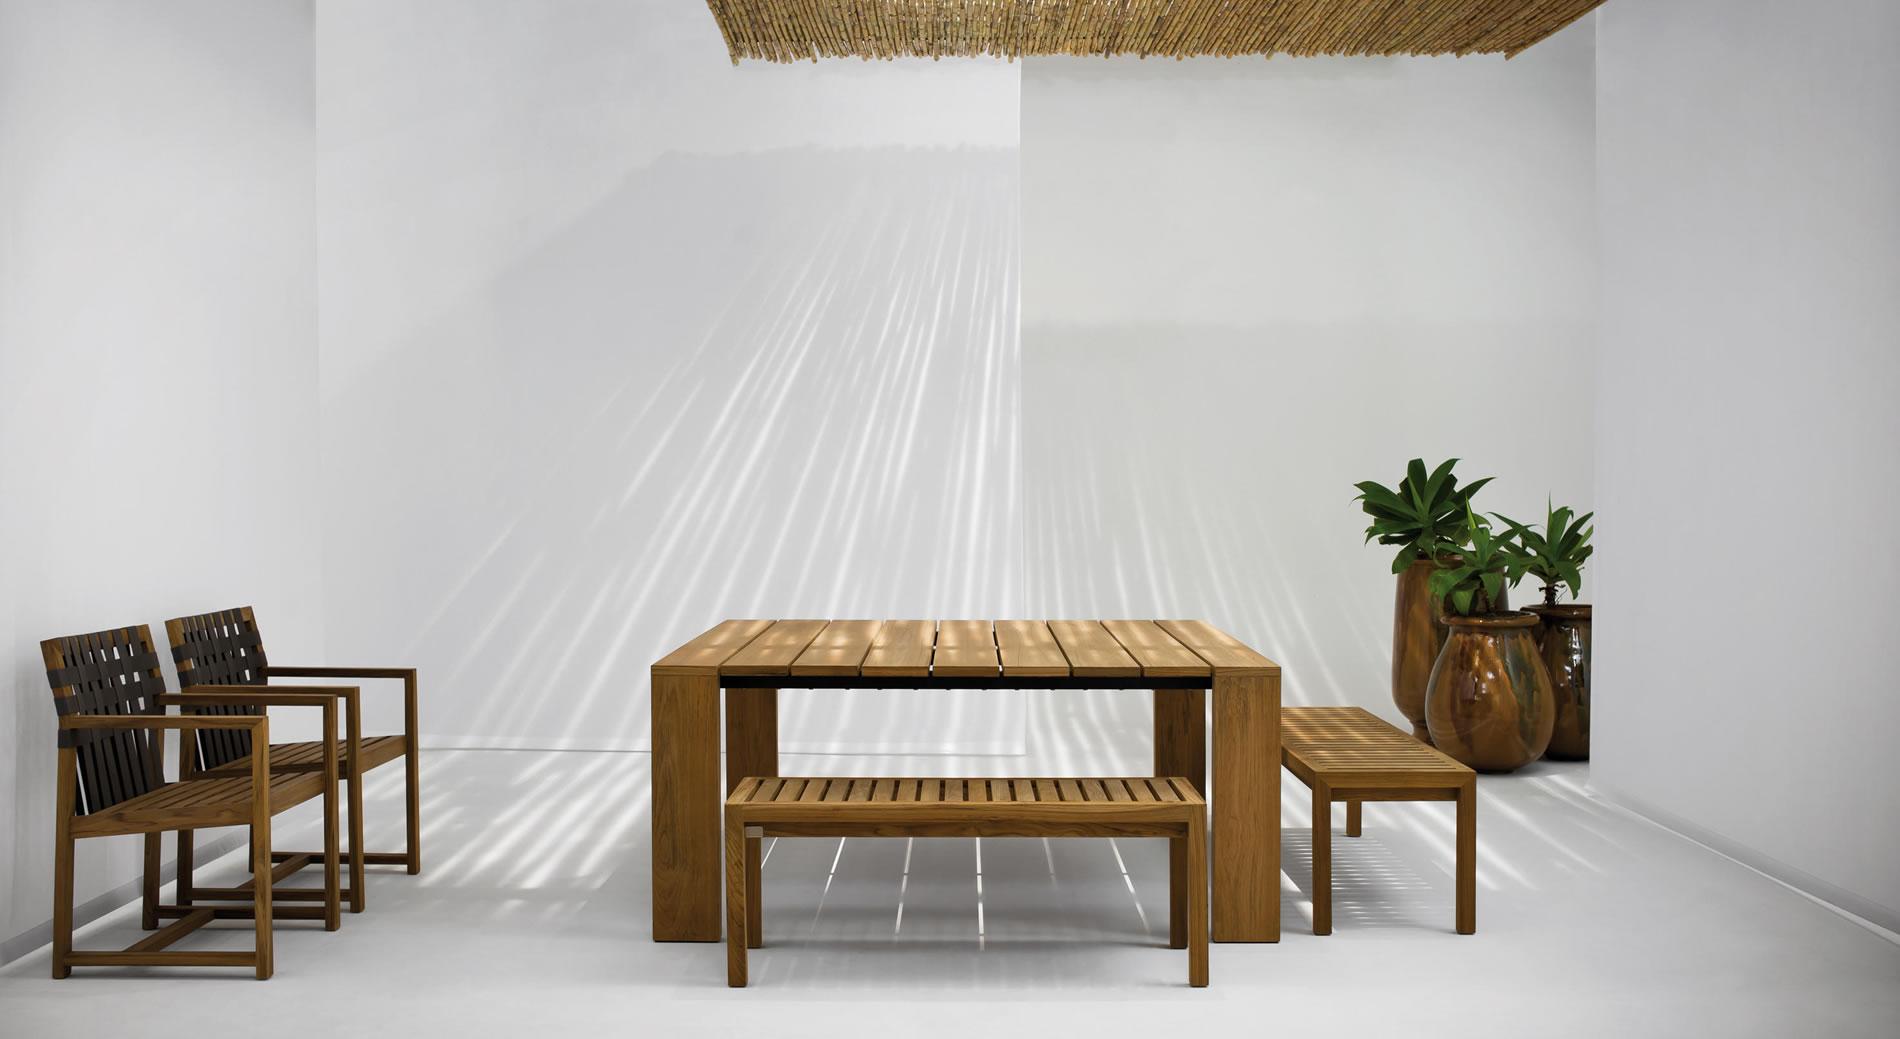 Roda Tavoli Da Giardino.Pier Roda